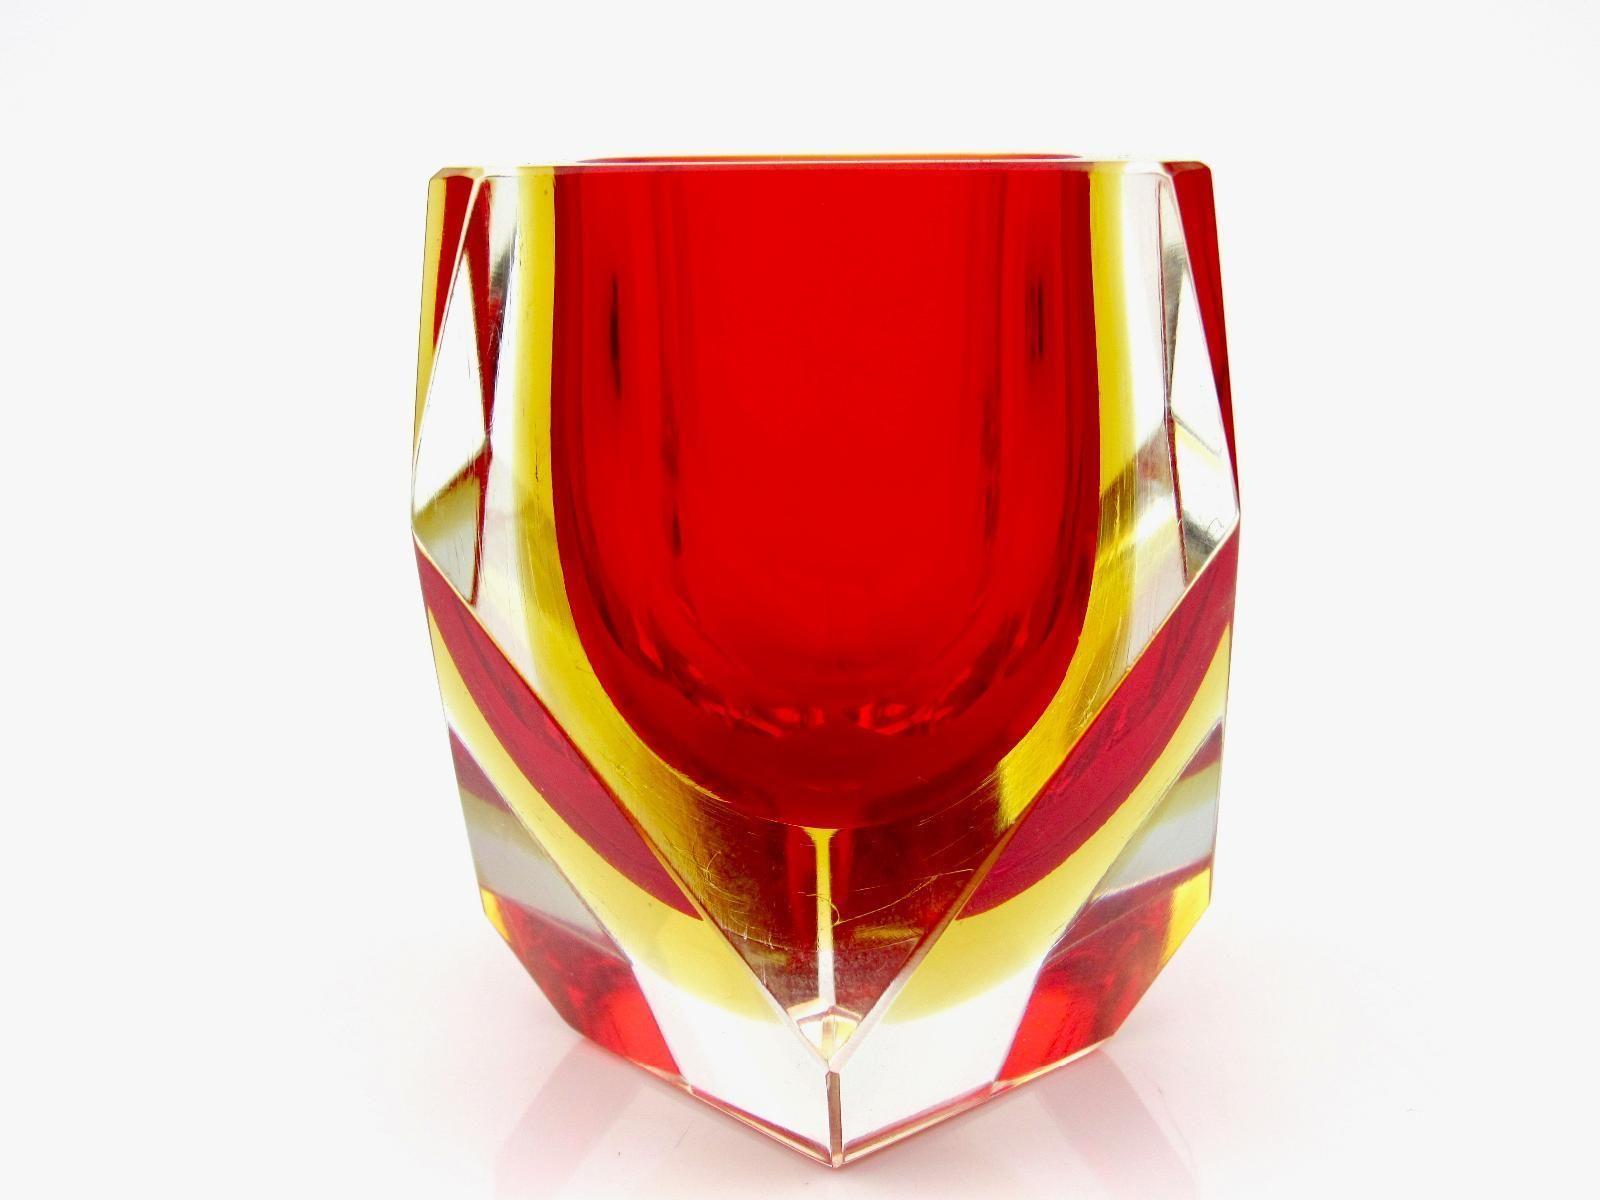 Murano Sommerso Rosso Ambra Art Glass Blocco Multi Ciotola Sfaccettata Mandruzzato Ebay Stemless Wine Glass Wine Glass Glass